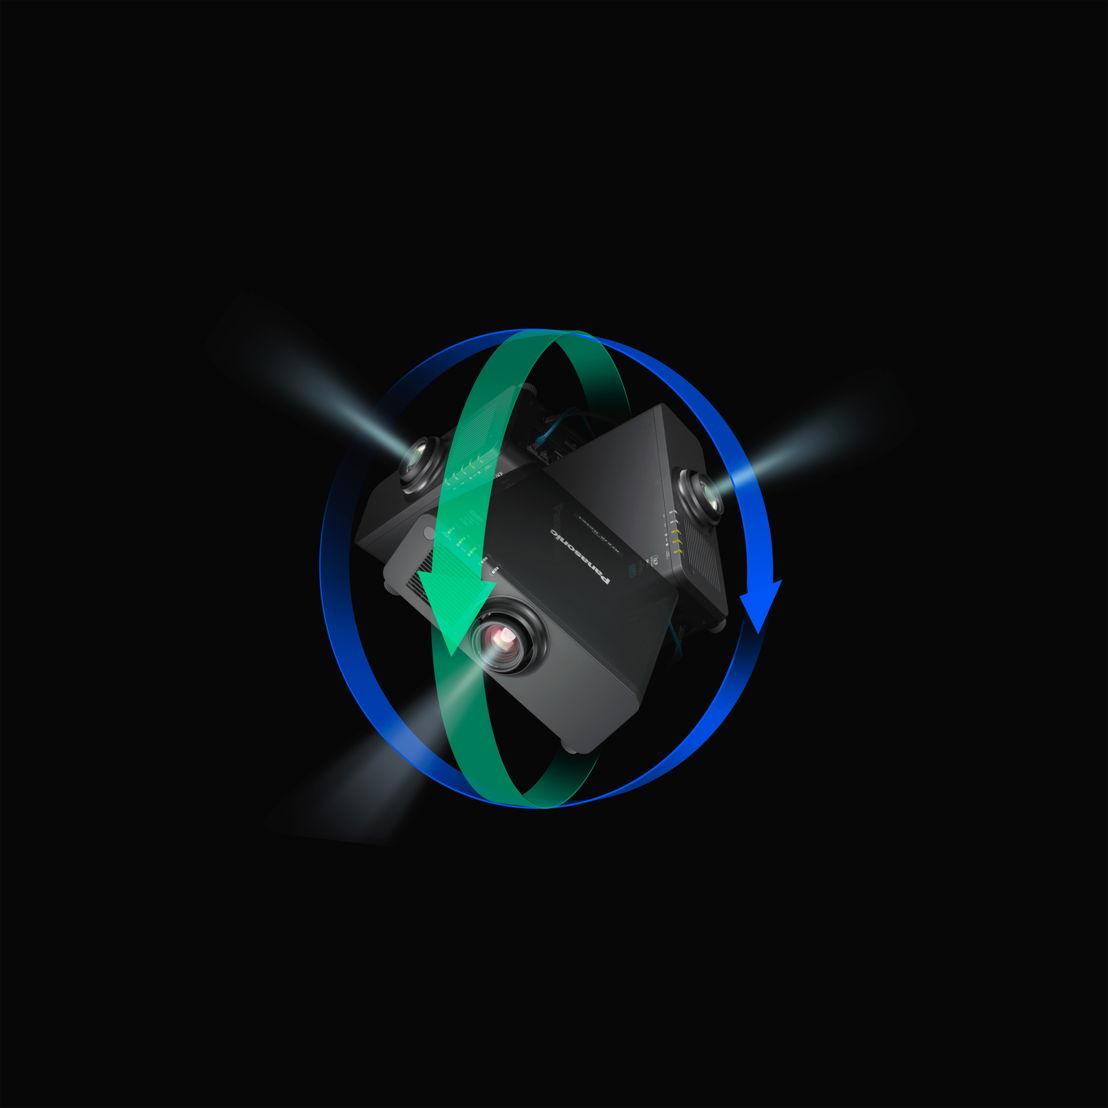 Panasonic Proyectores Solid Shine Instalacion 360